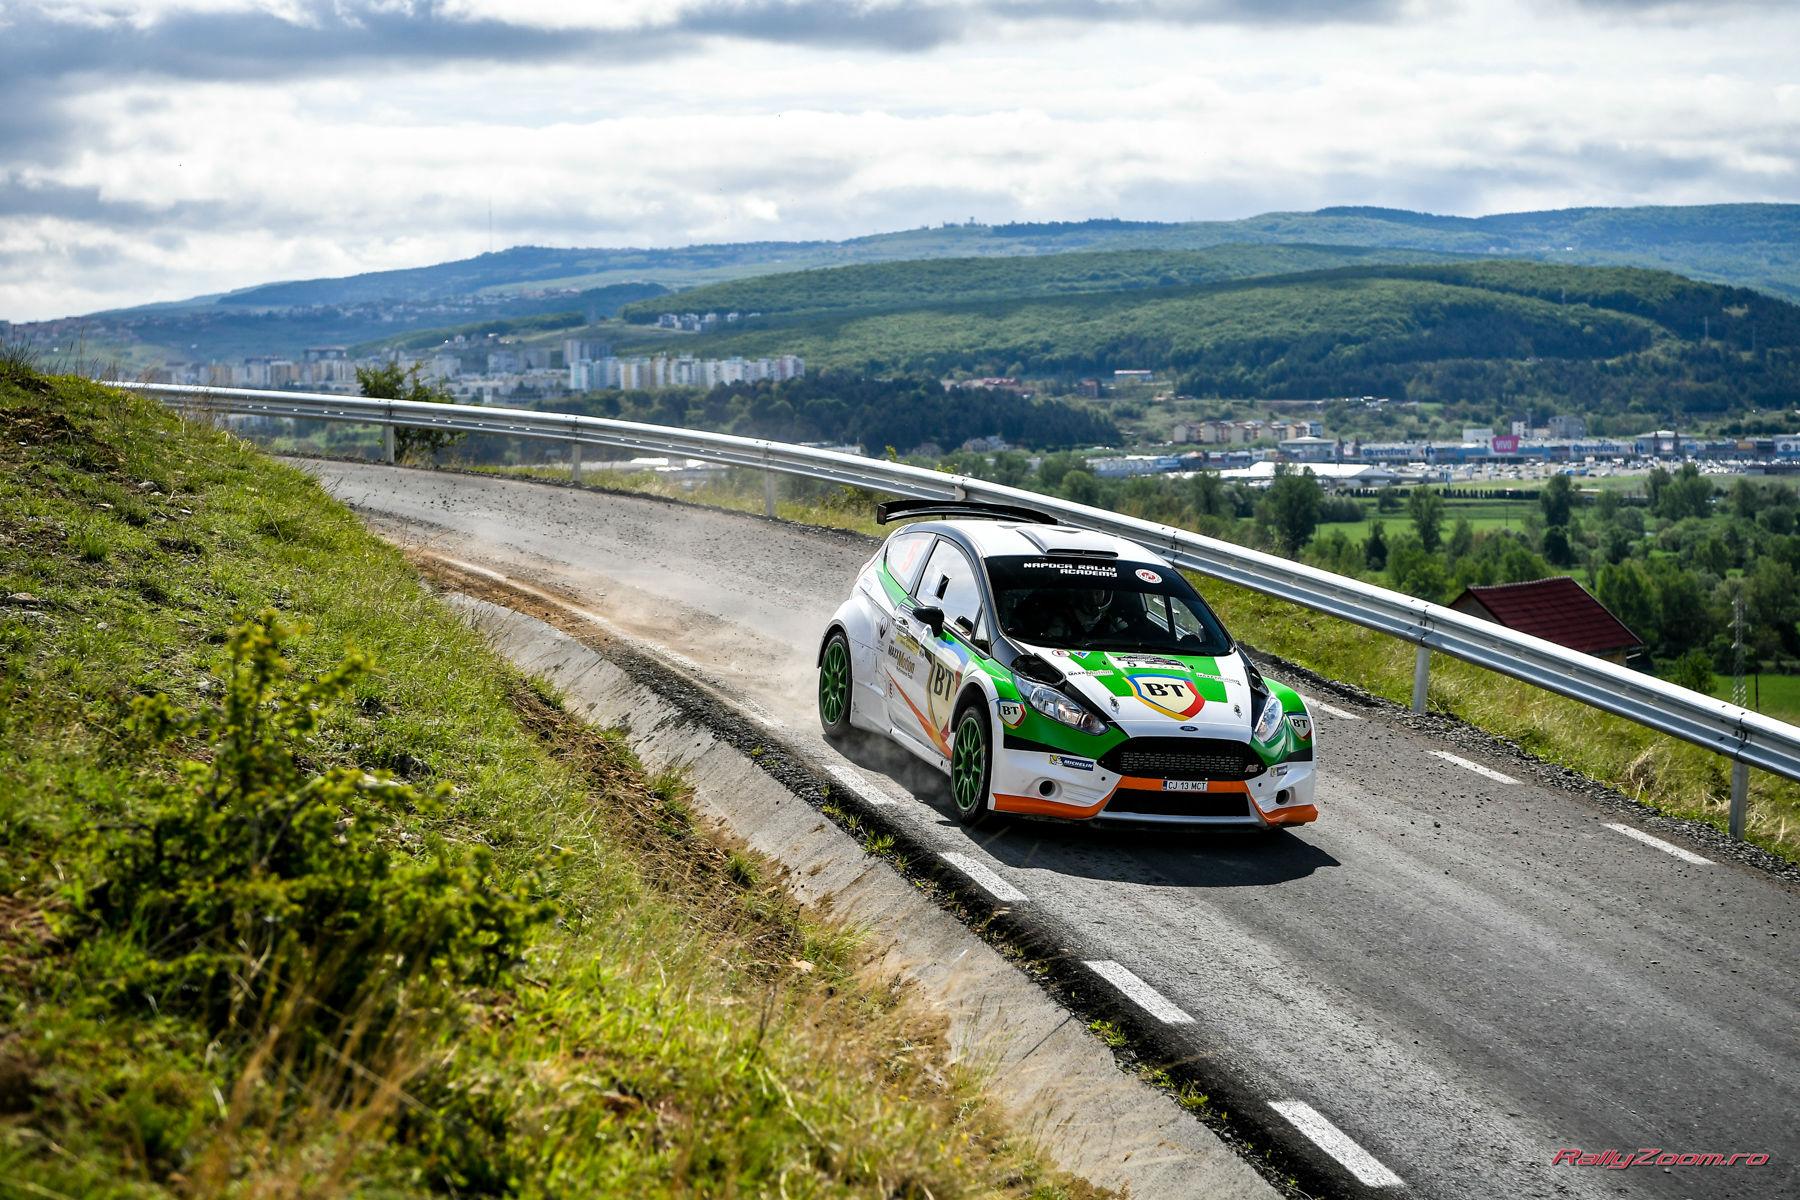 Campionul european Giandomenico Basso câștigă prima zi a BT Transilvania Rally! Accident pe Valea Fericirii sâmbătă dimineața